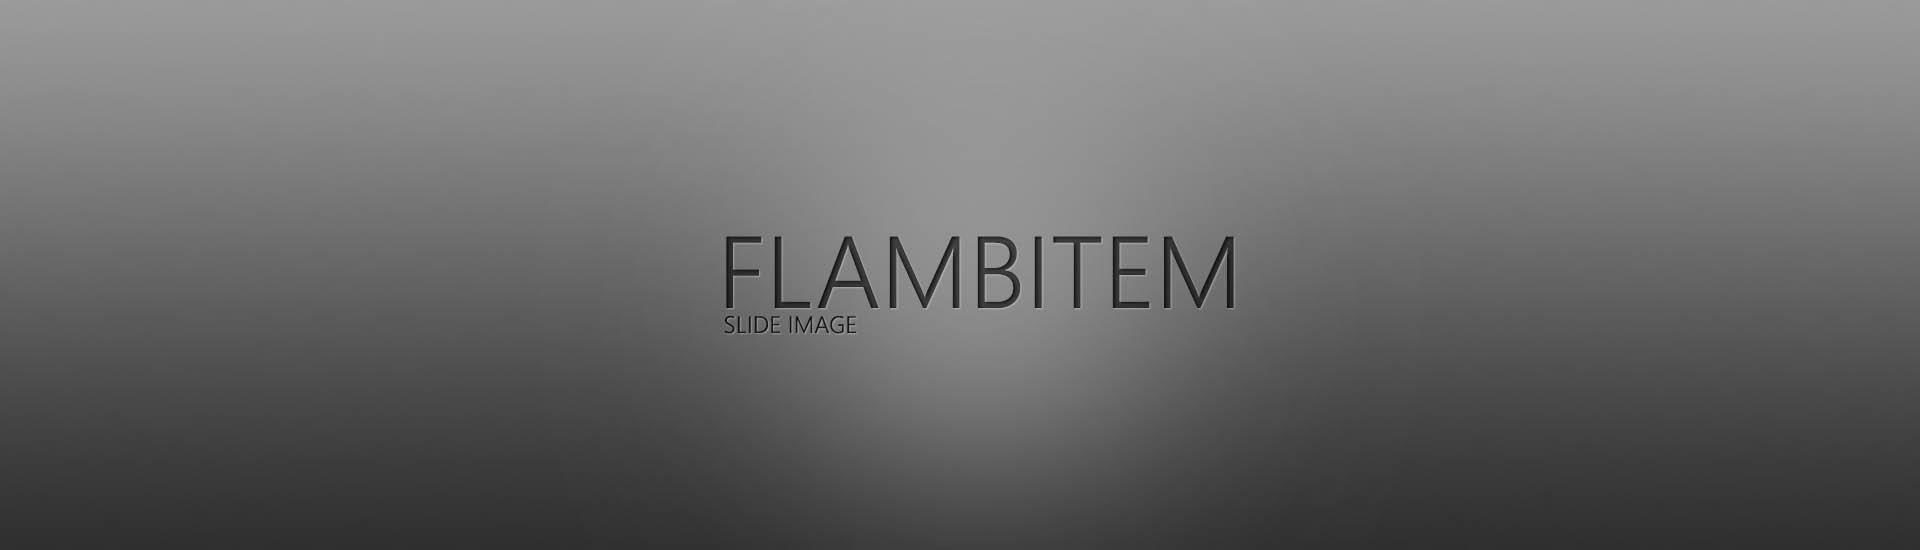 slide_image